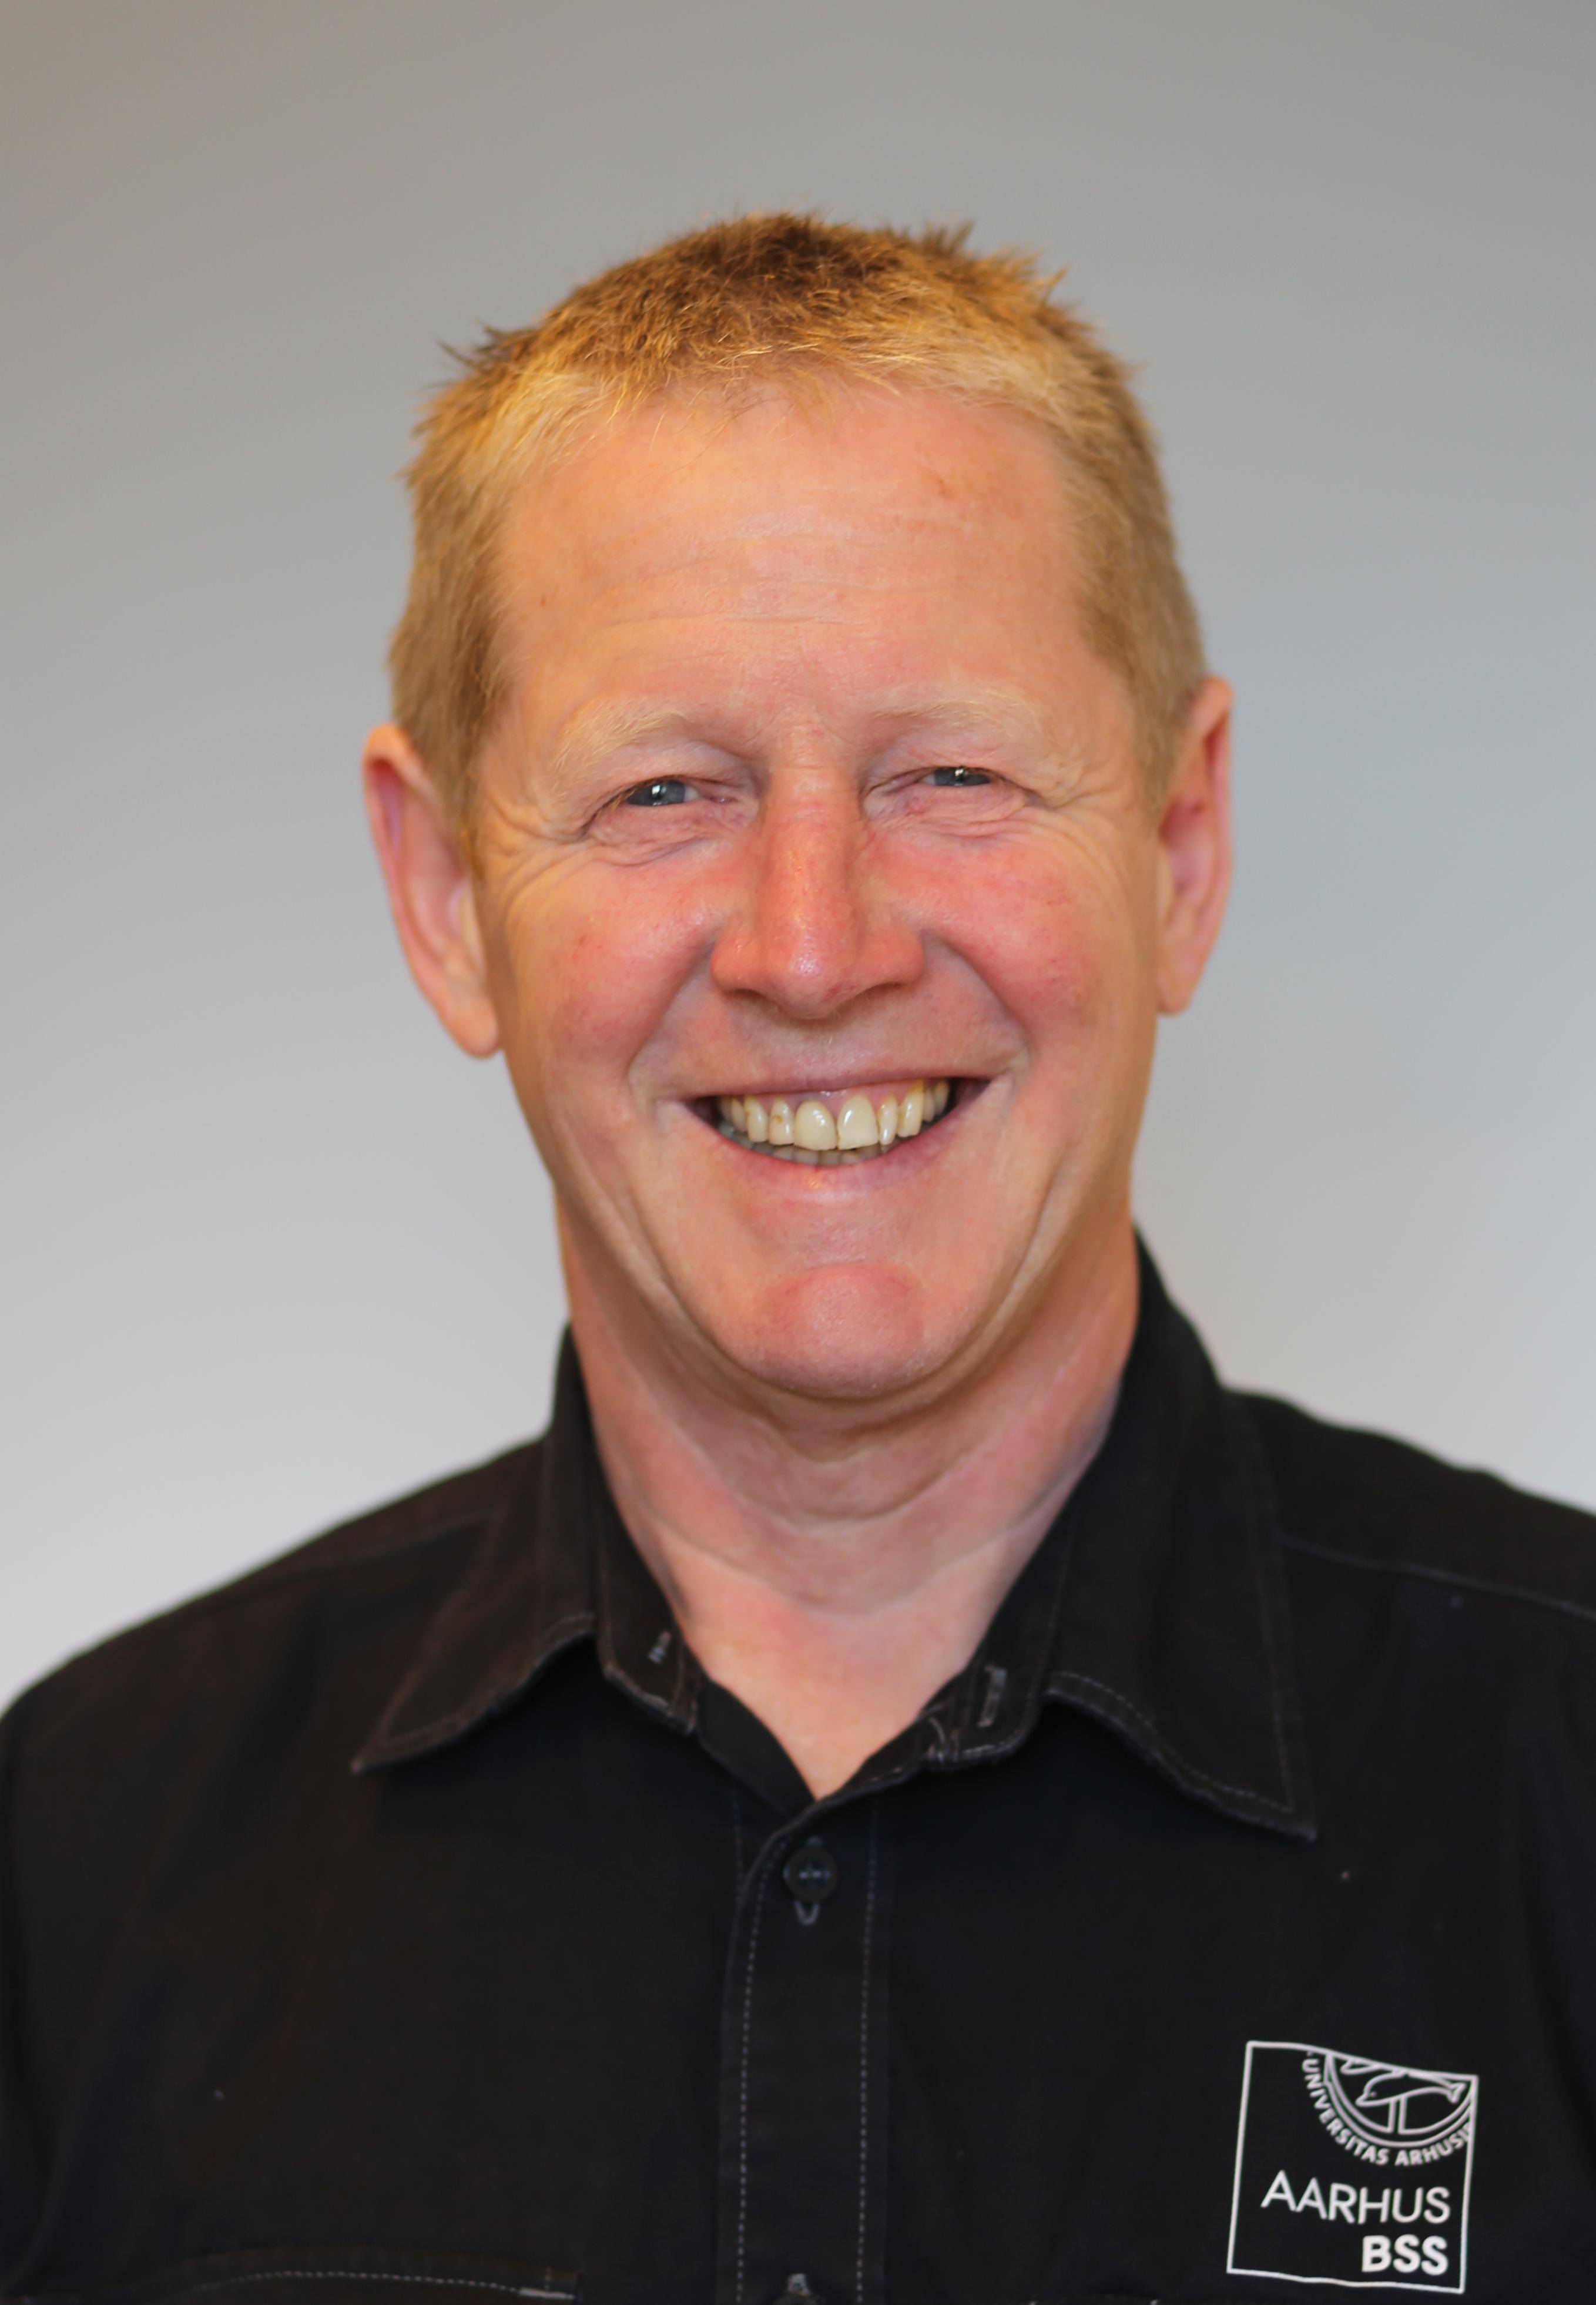 Lars Holger Ohlsen